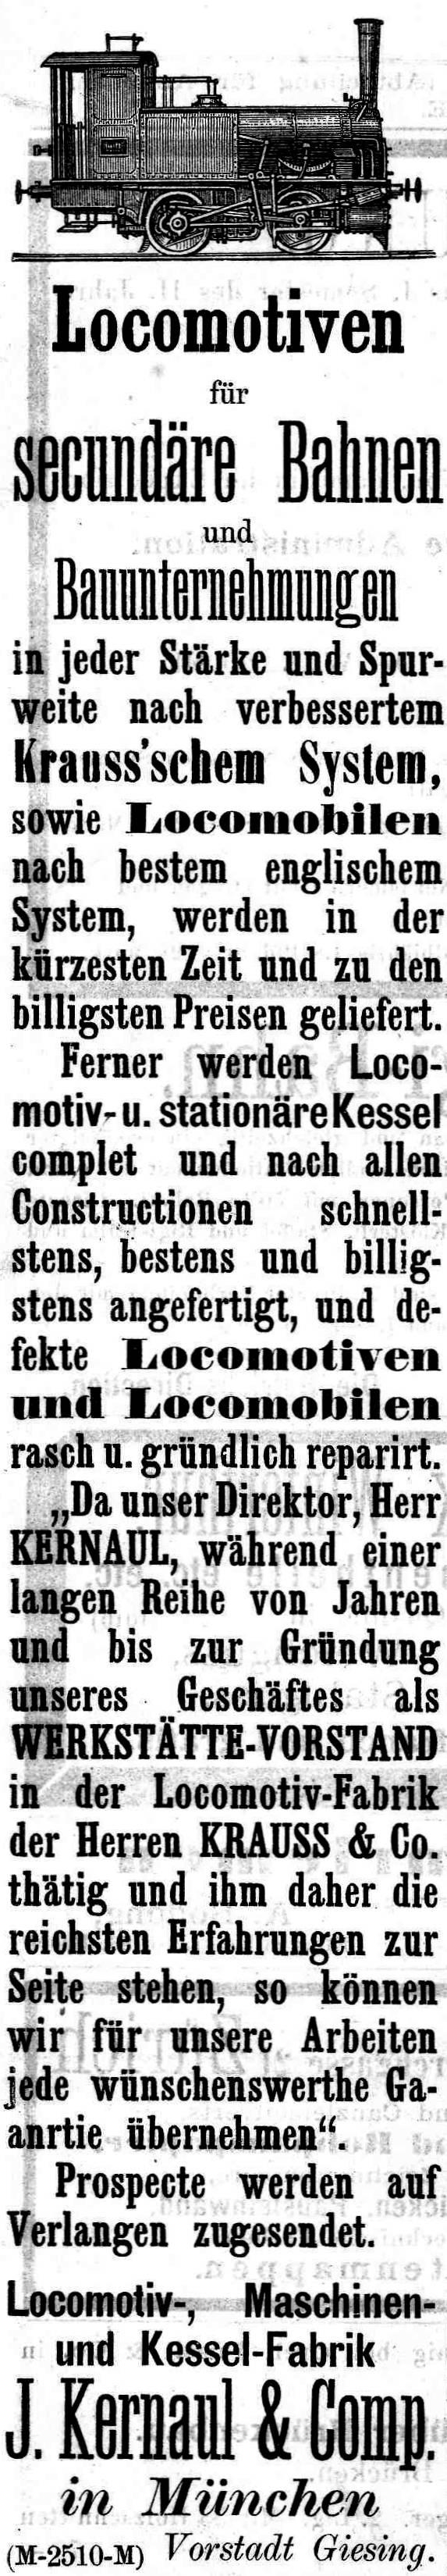 https://www.walter-kuhl.de/dso2/Kernaul_eth_1875_300a.jpg